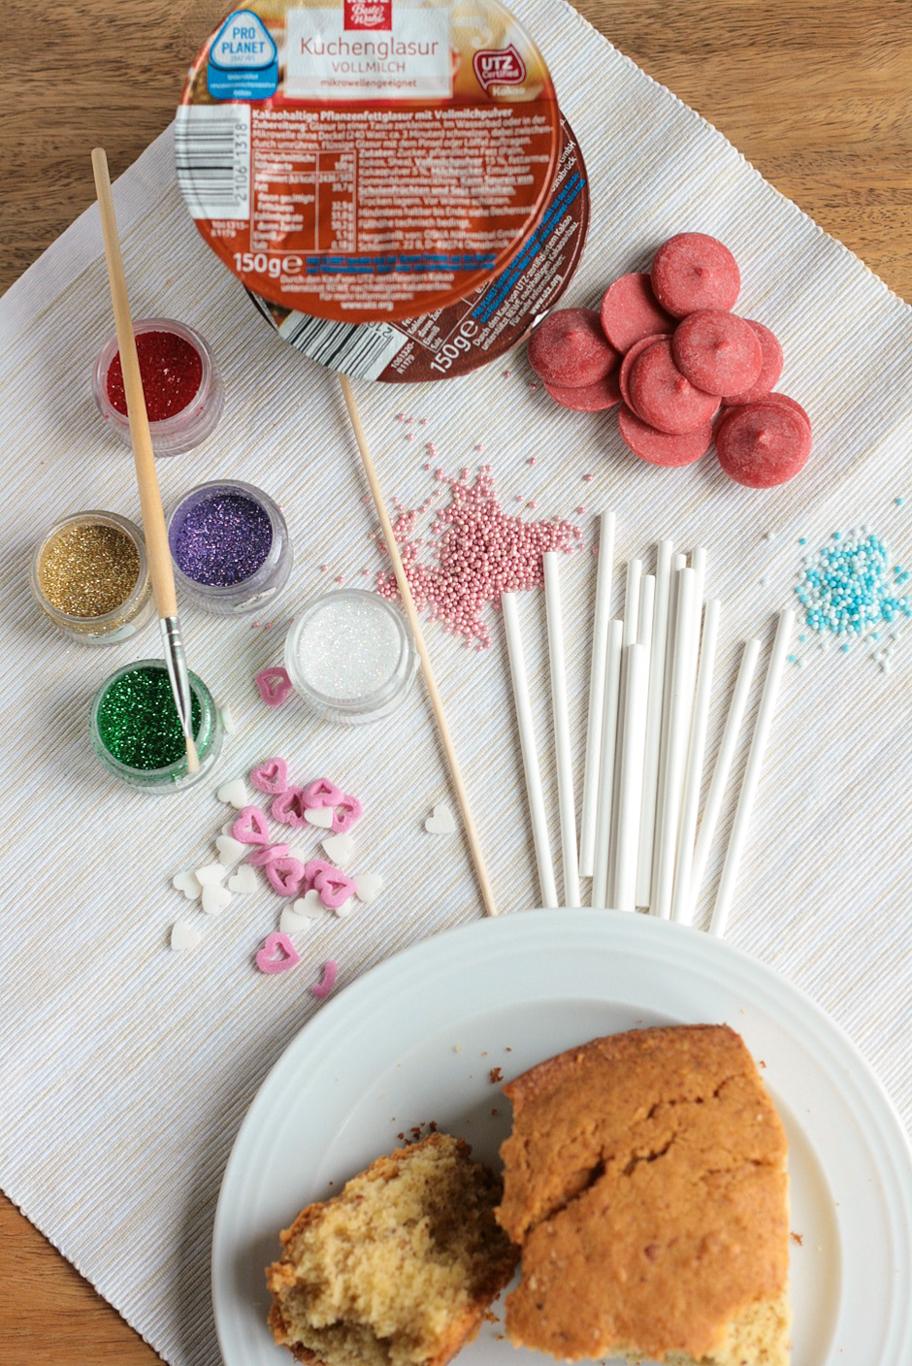 Kleine Kuchen Am Stiel Eine Anleitung Fur Cakepops